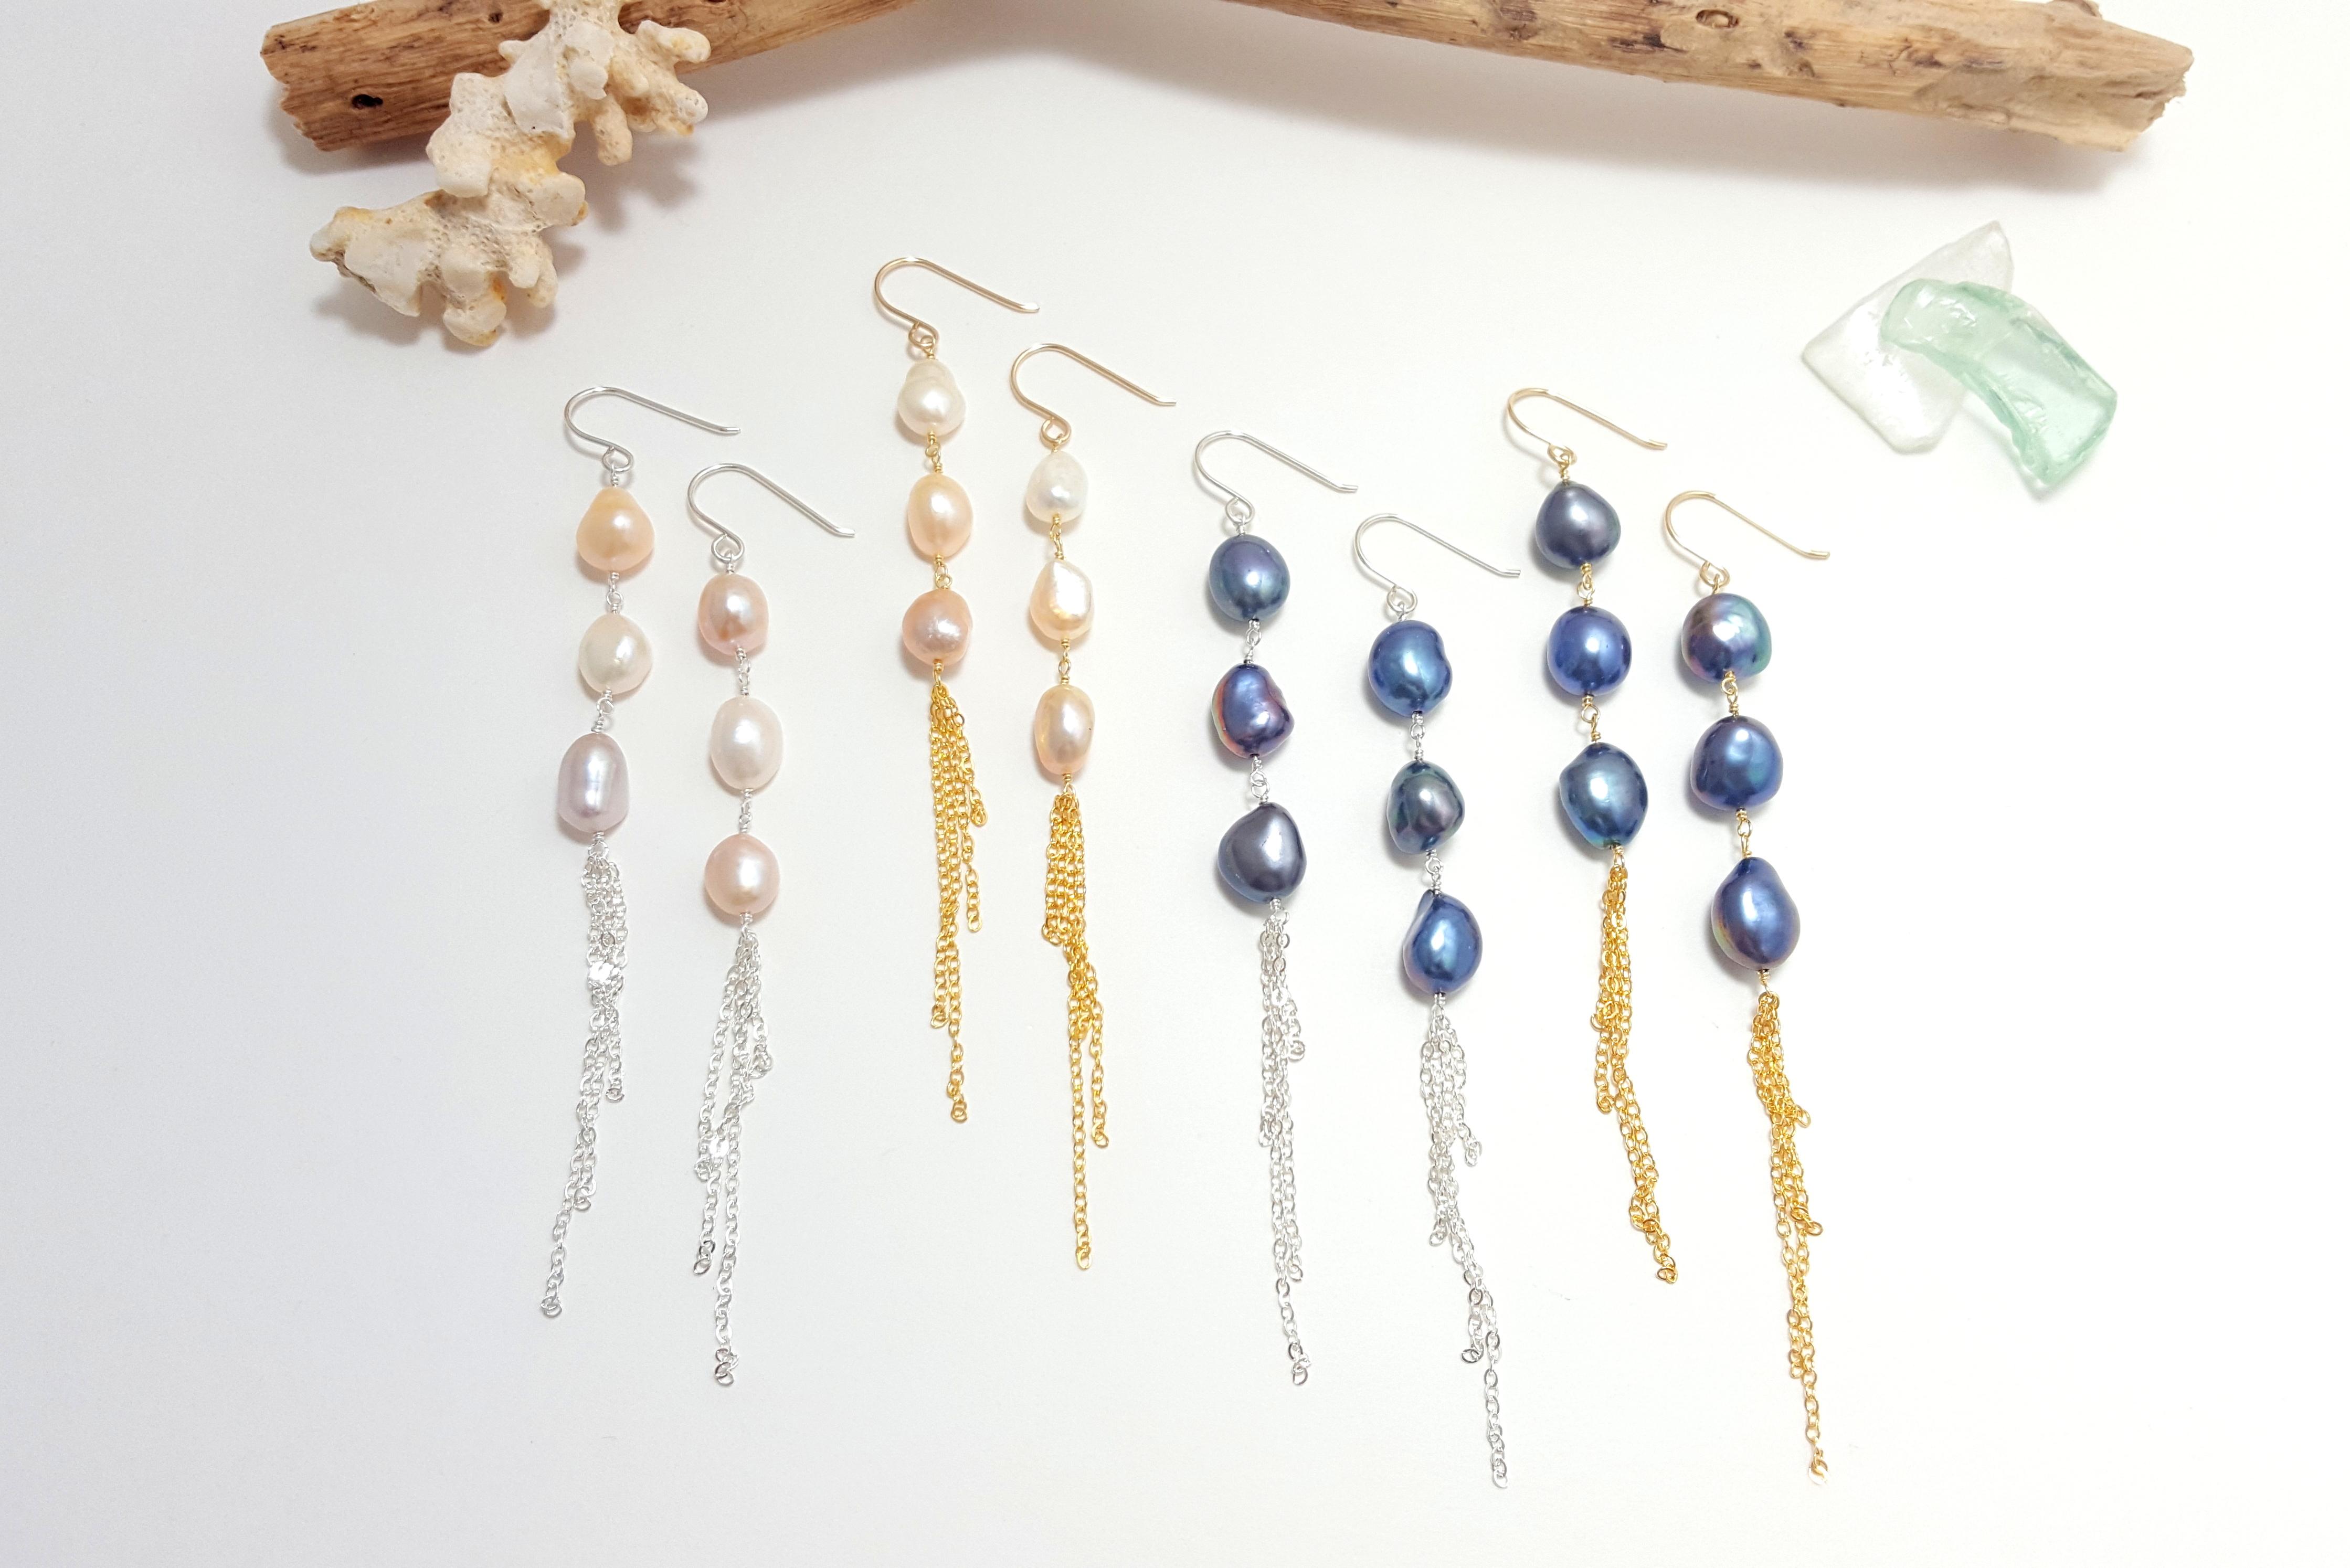 61dba8074a961 Baroque pearl tassel earrings